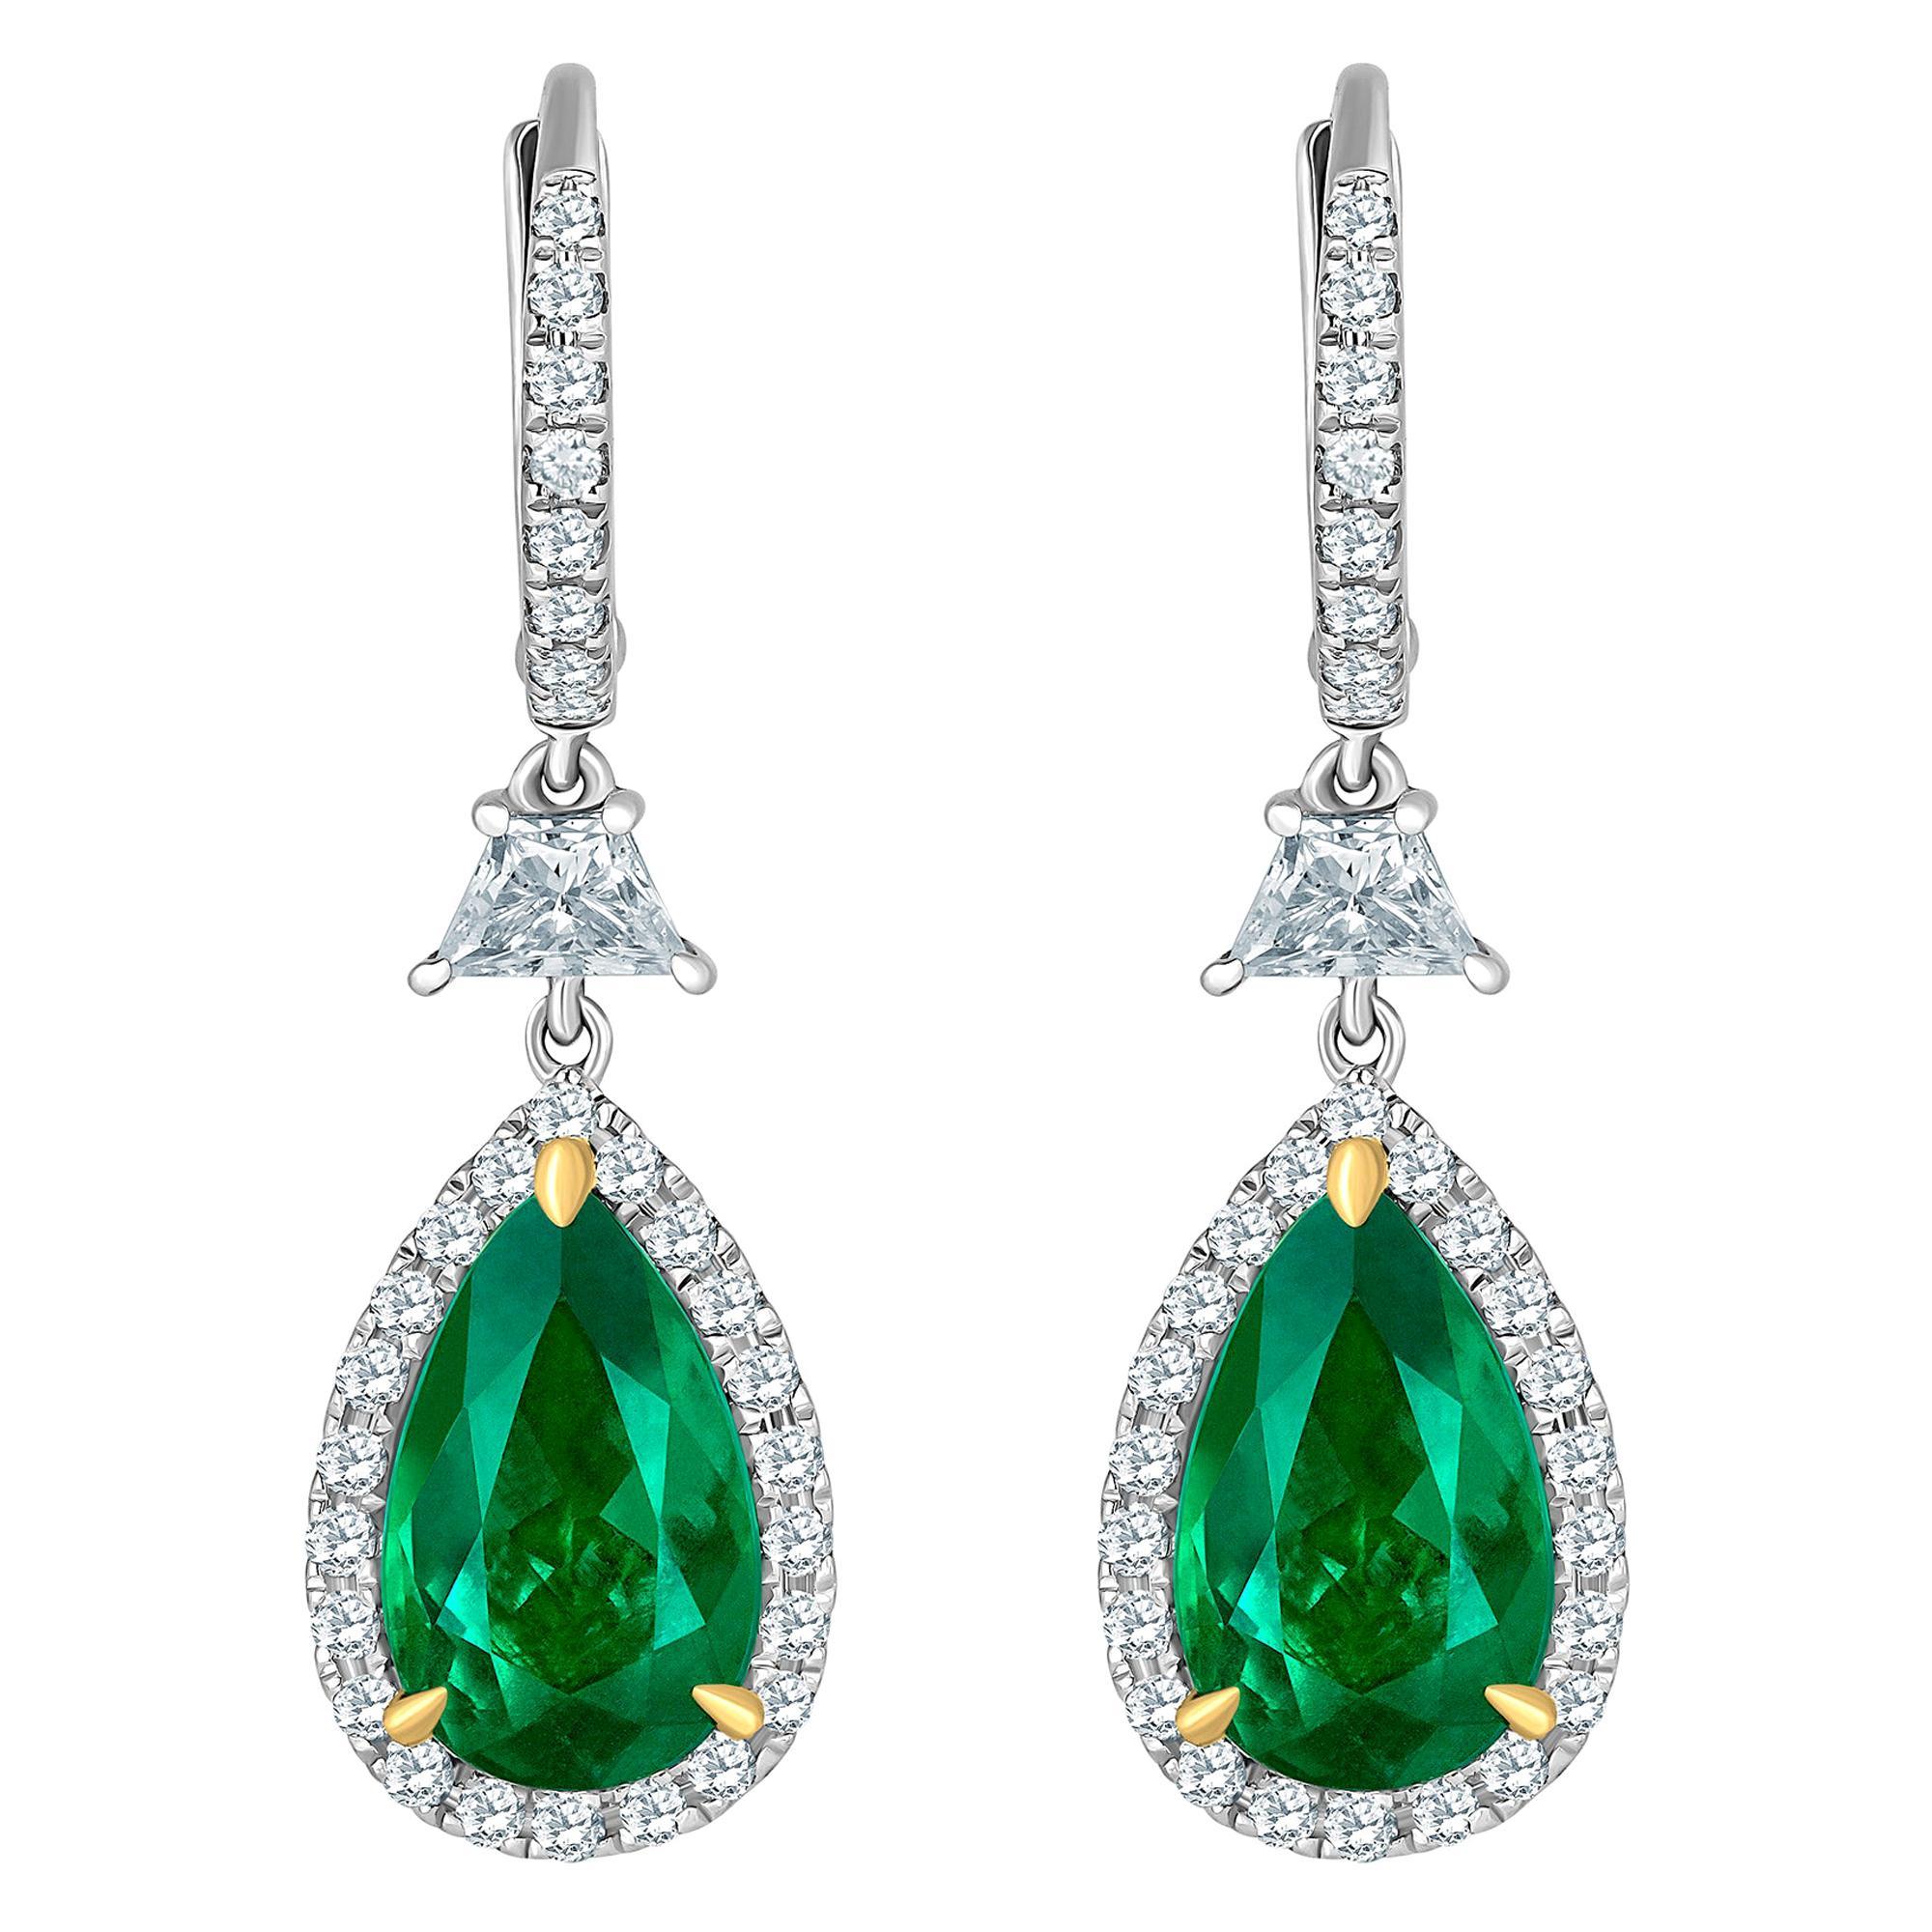 Emilio Jewelry Certified 6.70 Carat Vivid Green Colombian Emerald Earrings